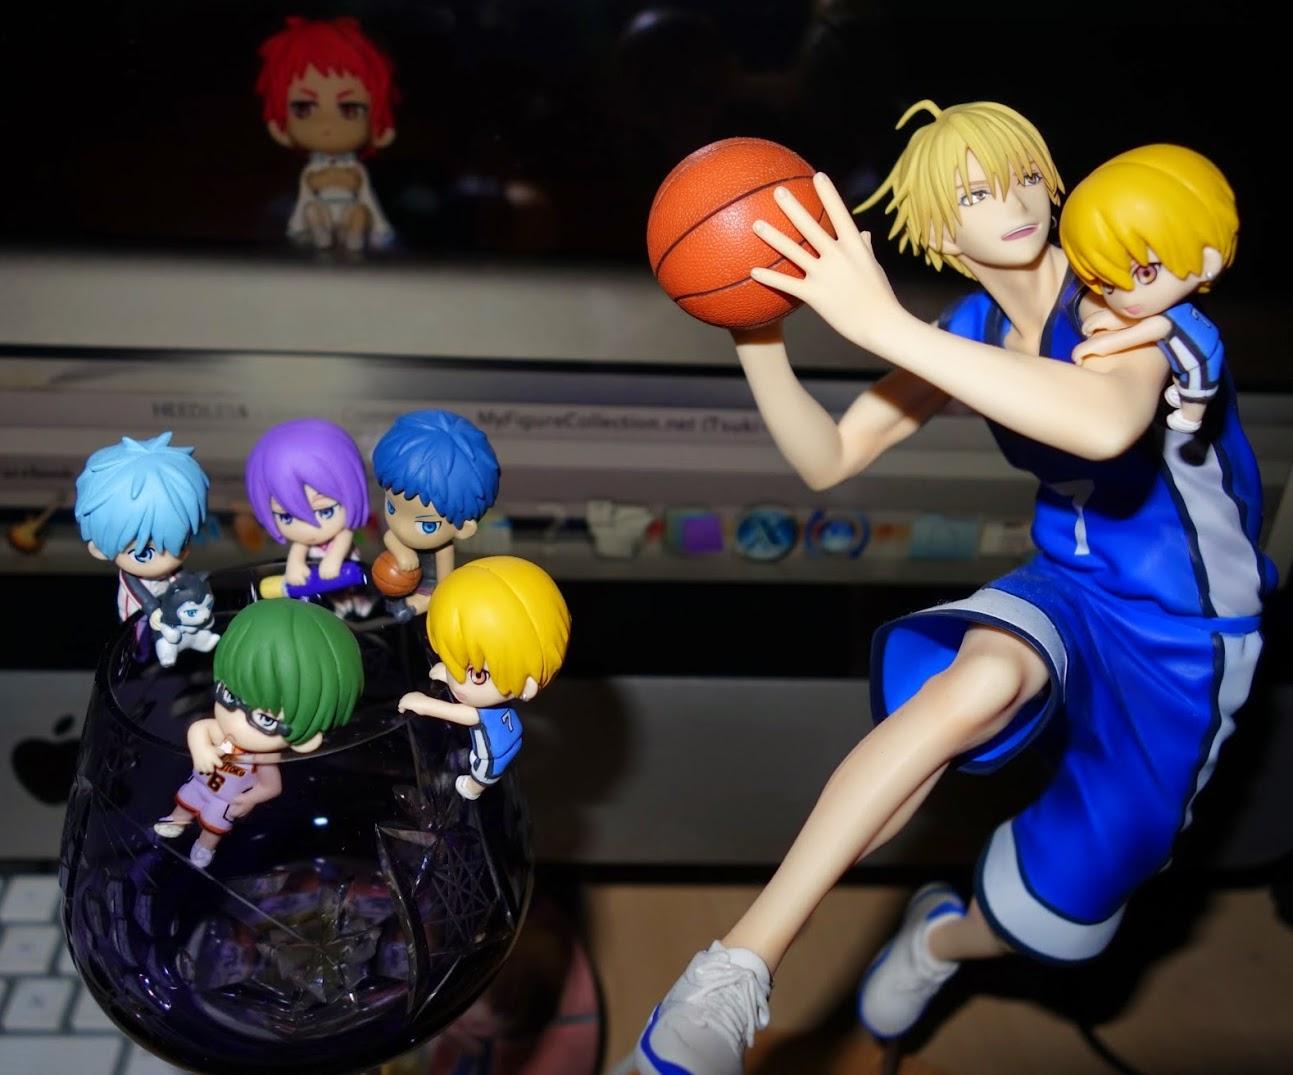 megahouse piron kuroko_no_basket kuroko_tetsuya midorima_shintarou kise_ryouta aomine_daiki murasakibara_atsushi akashi_seijuurou tetsuya_2-gou ochatomo_series kuroko_no_basket_figure_series kuroko_no_basket_ochatomo_series